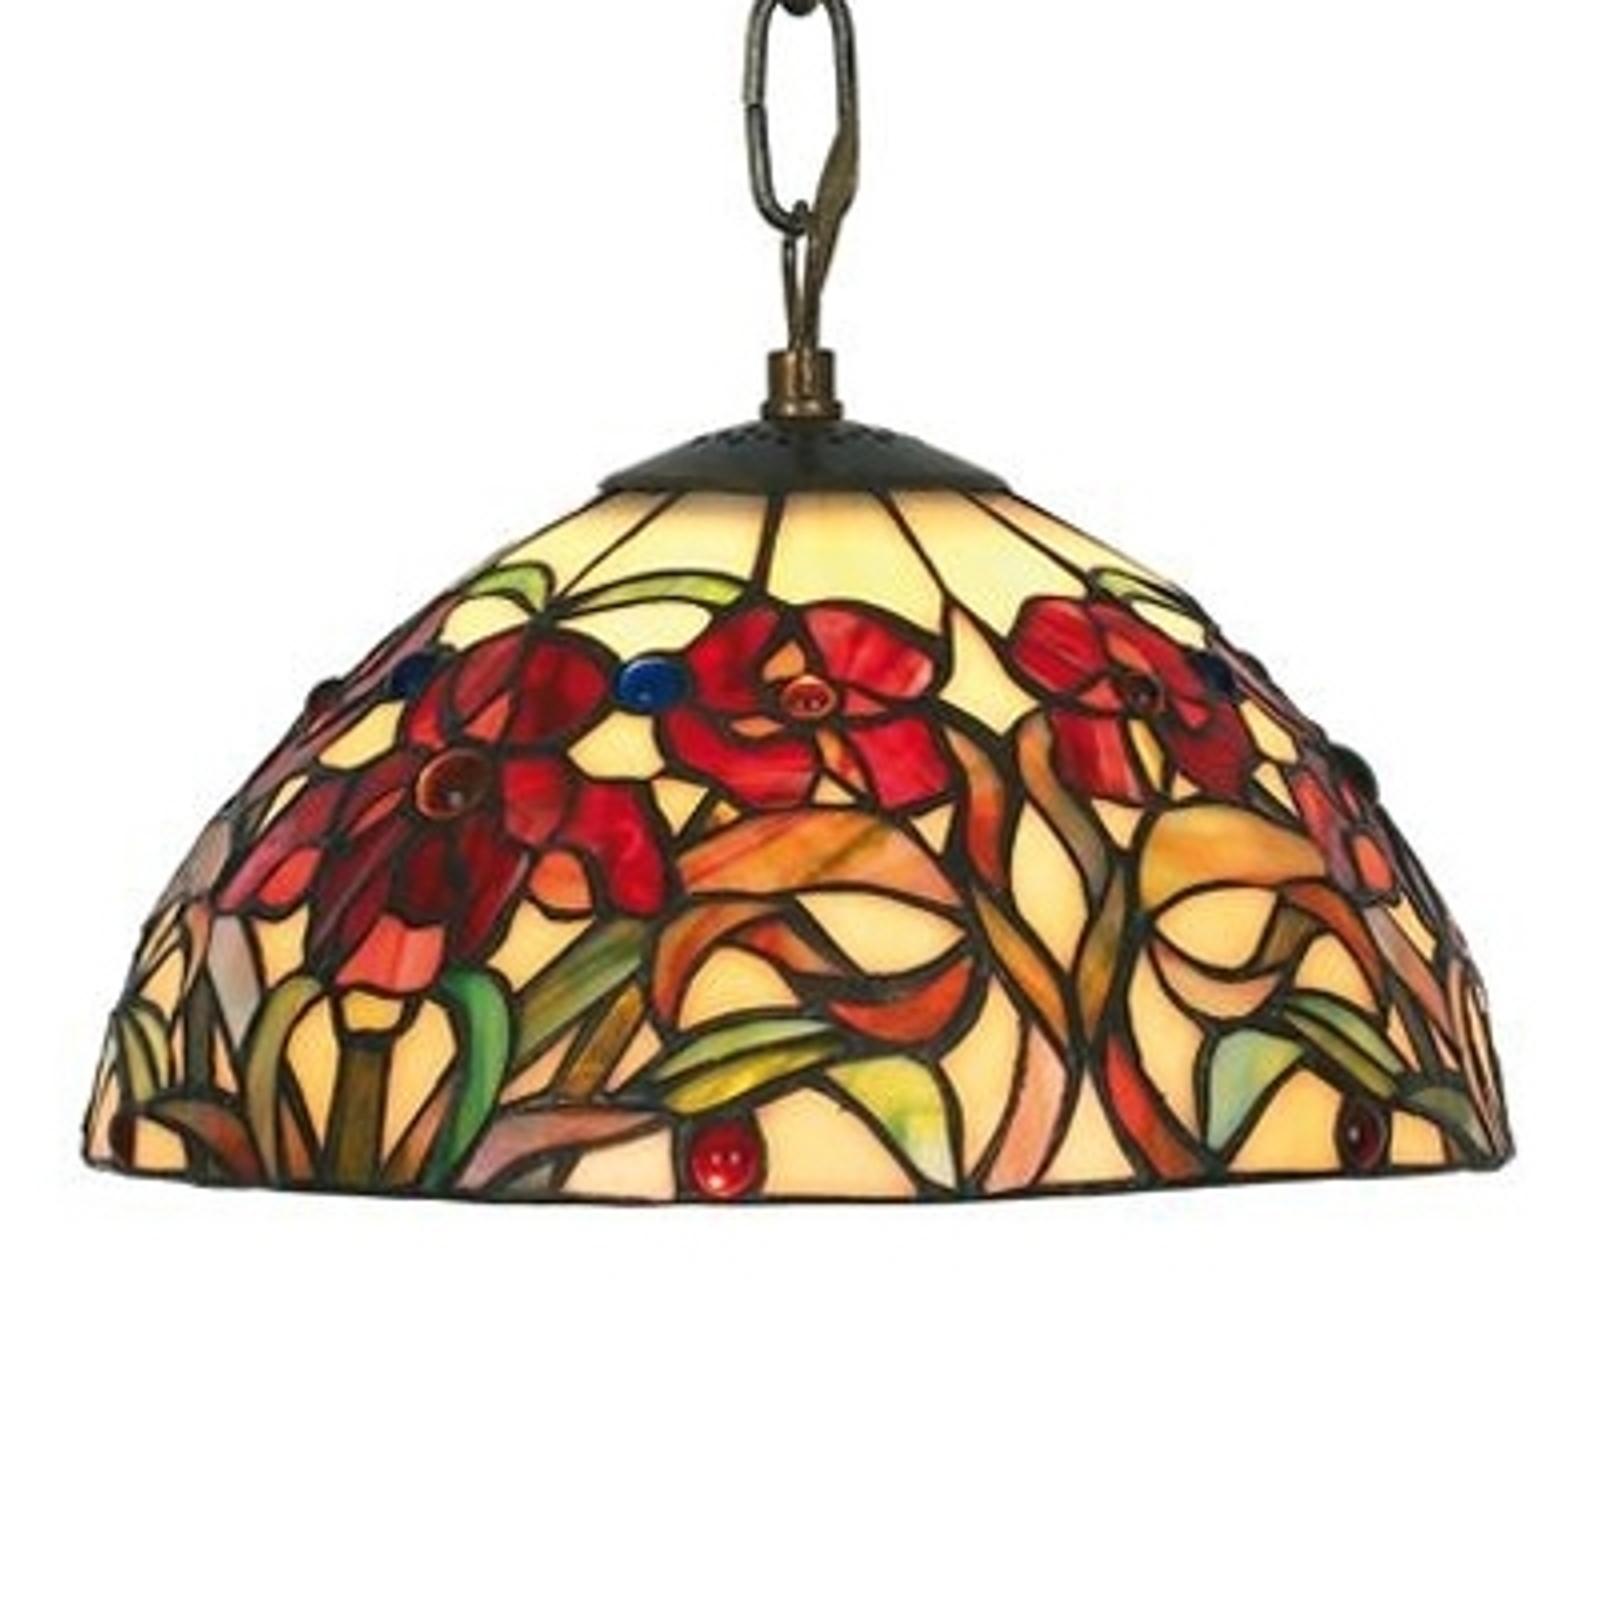 Mała lampa wisząca Eline w stylu Tiffany